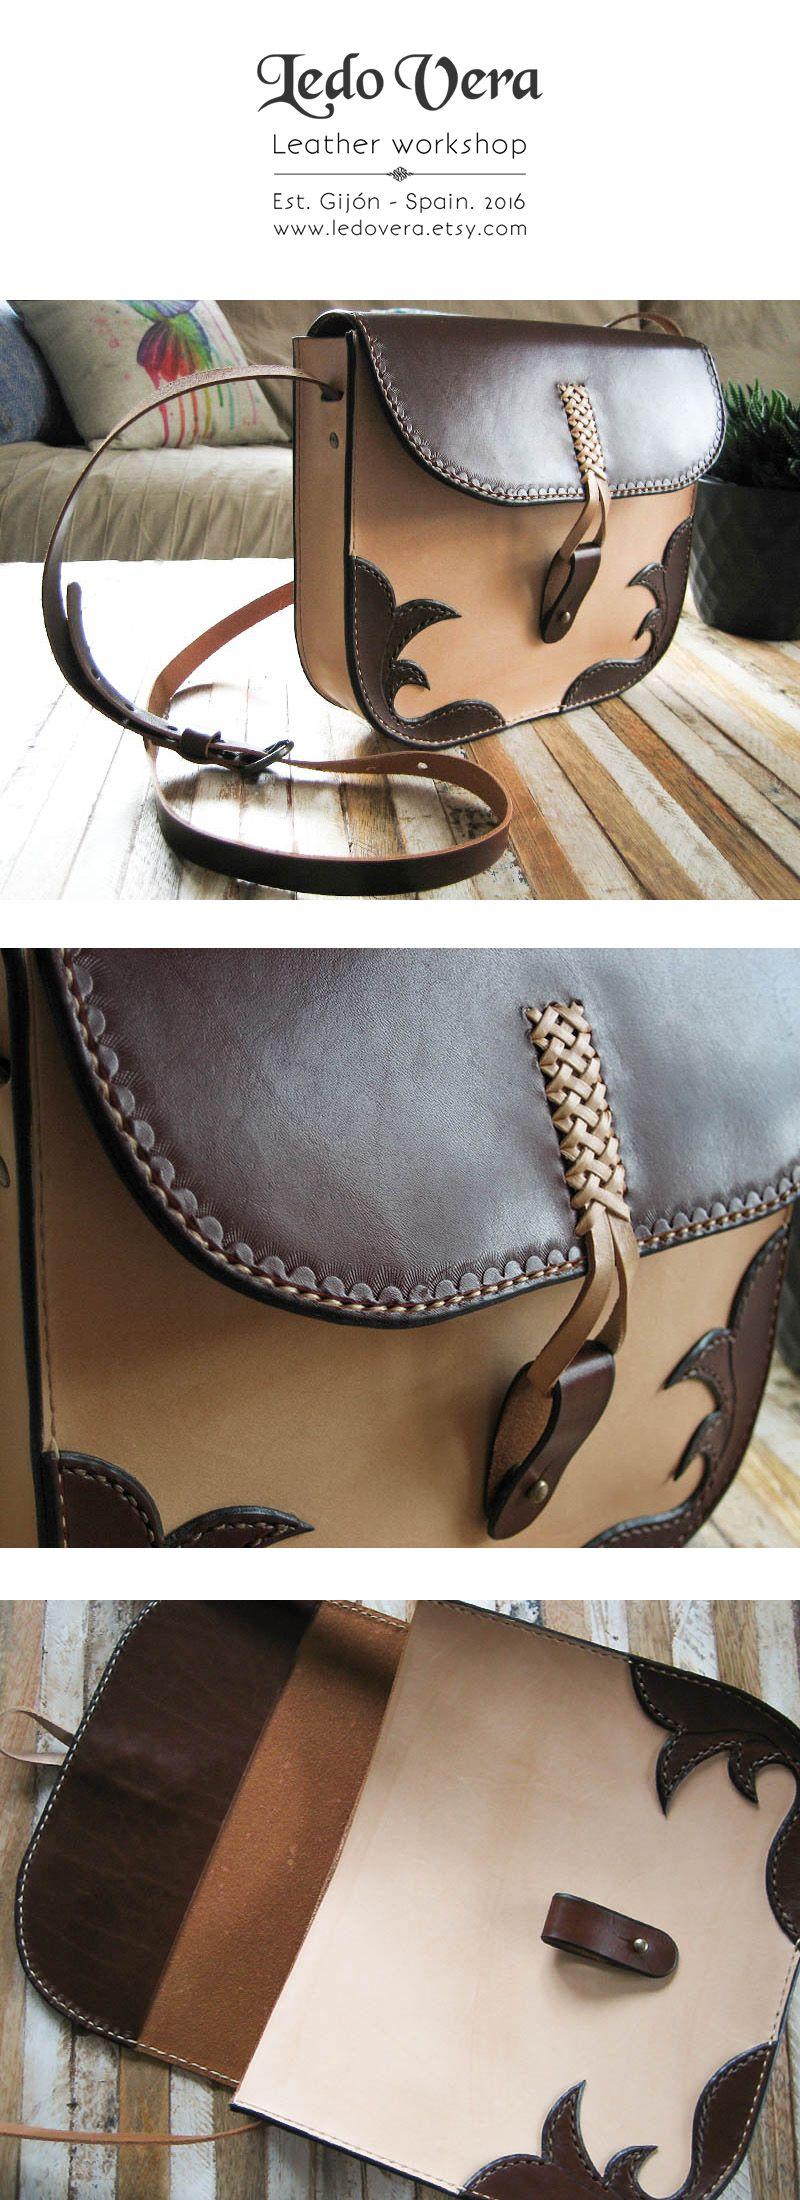 cuero de a purse Handcrafted leather Bolso hecho mano completamente UFTpAP1q